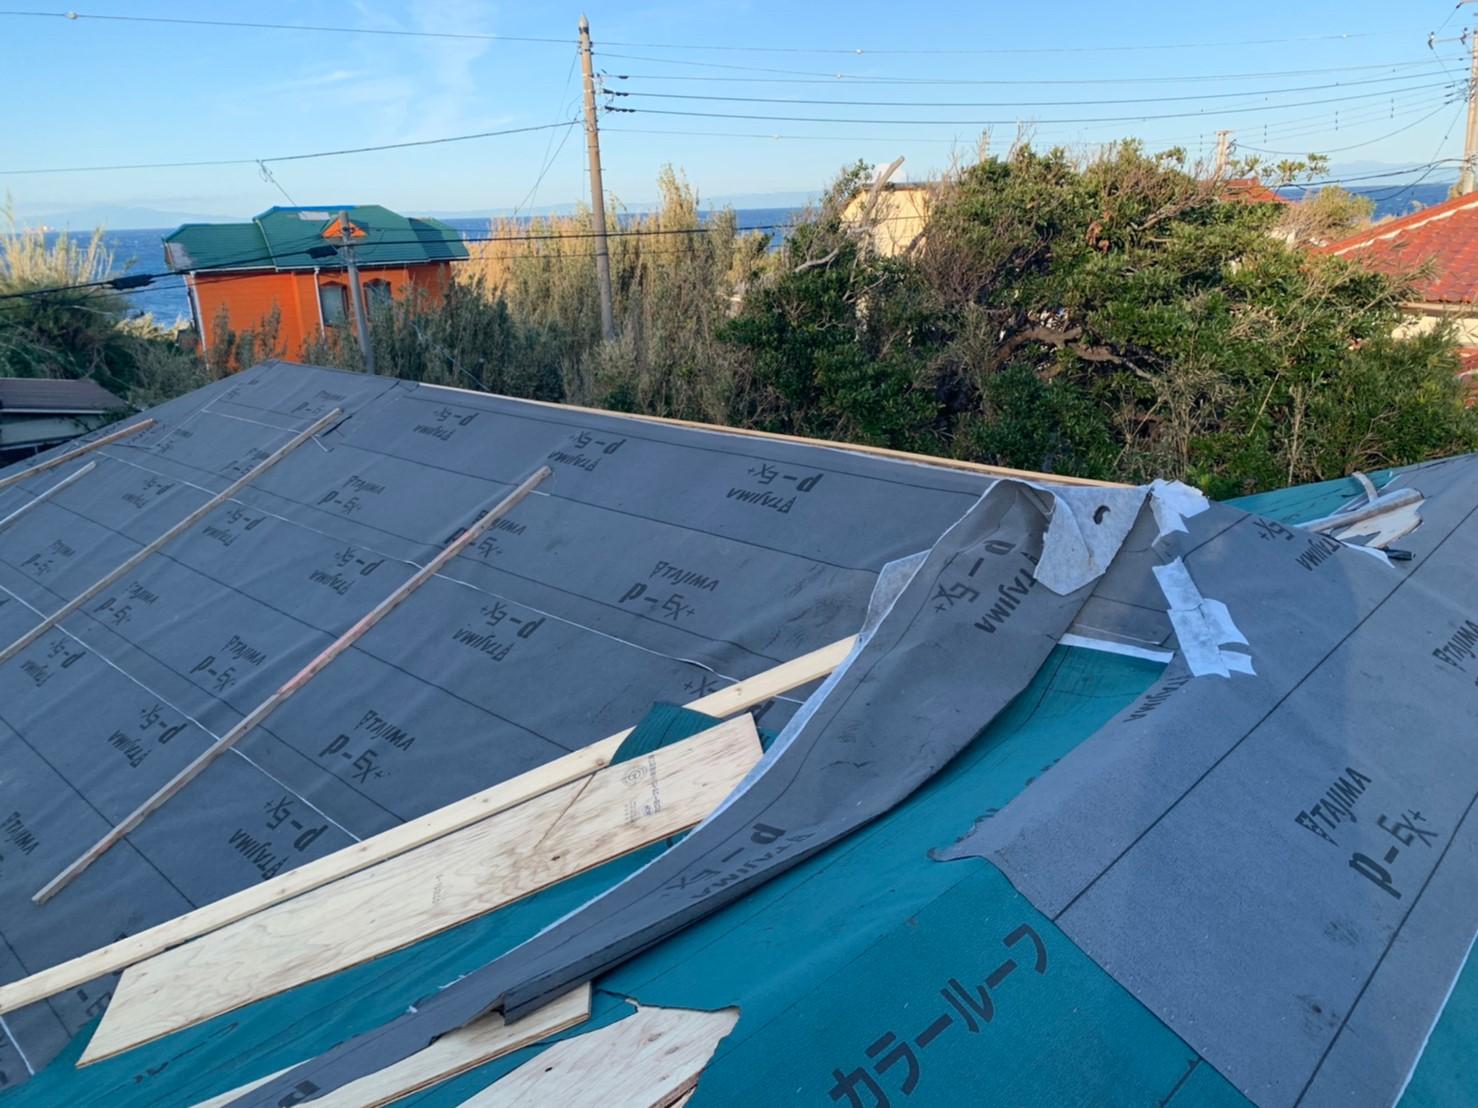 屋根材の下に敷く防水シート(ルーフィングシート)についてのご案内です。